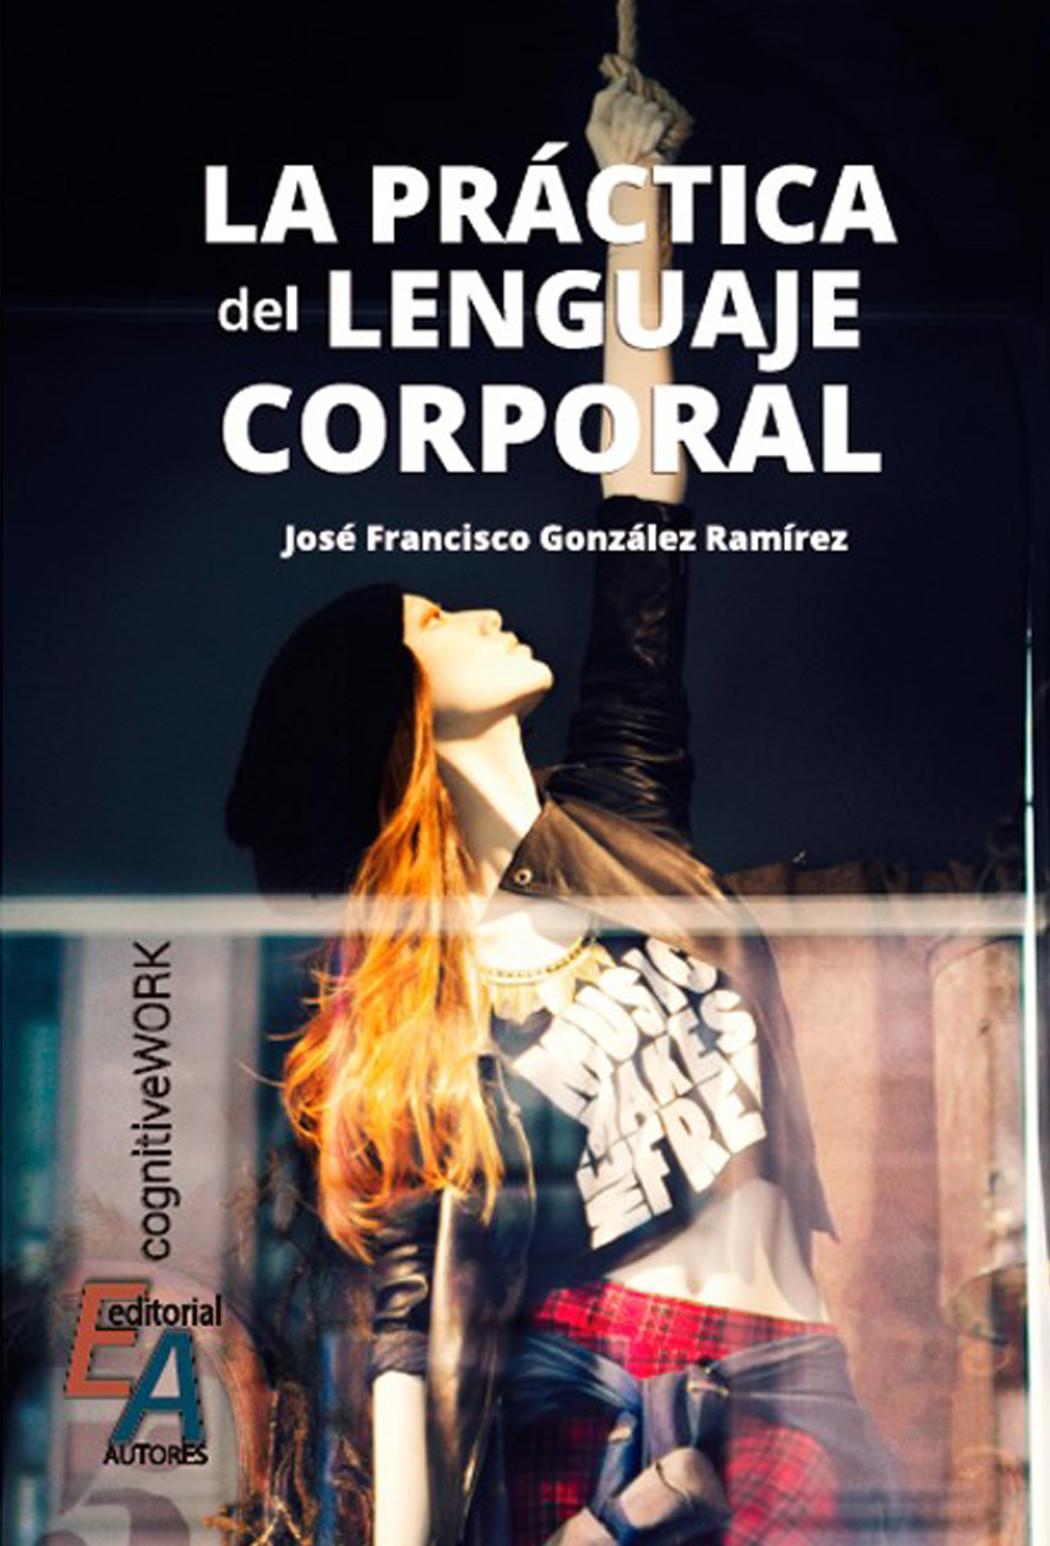 libroestrella_la-practica-del-lenguaje-corporal